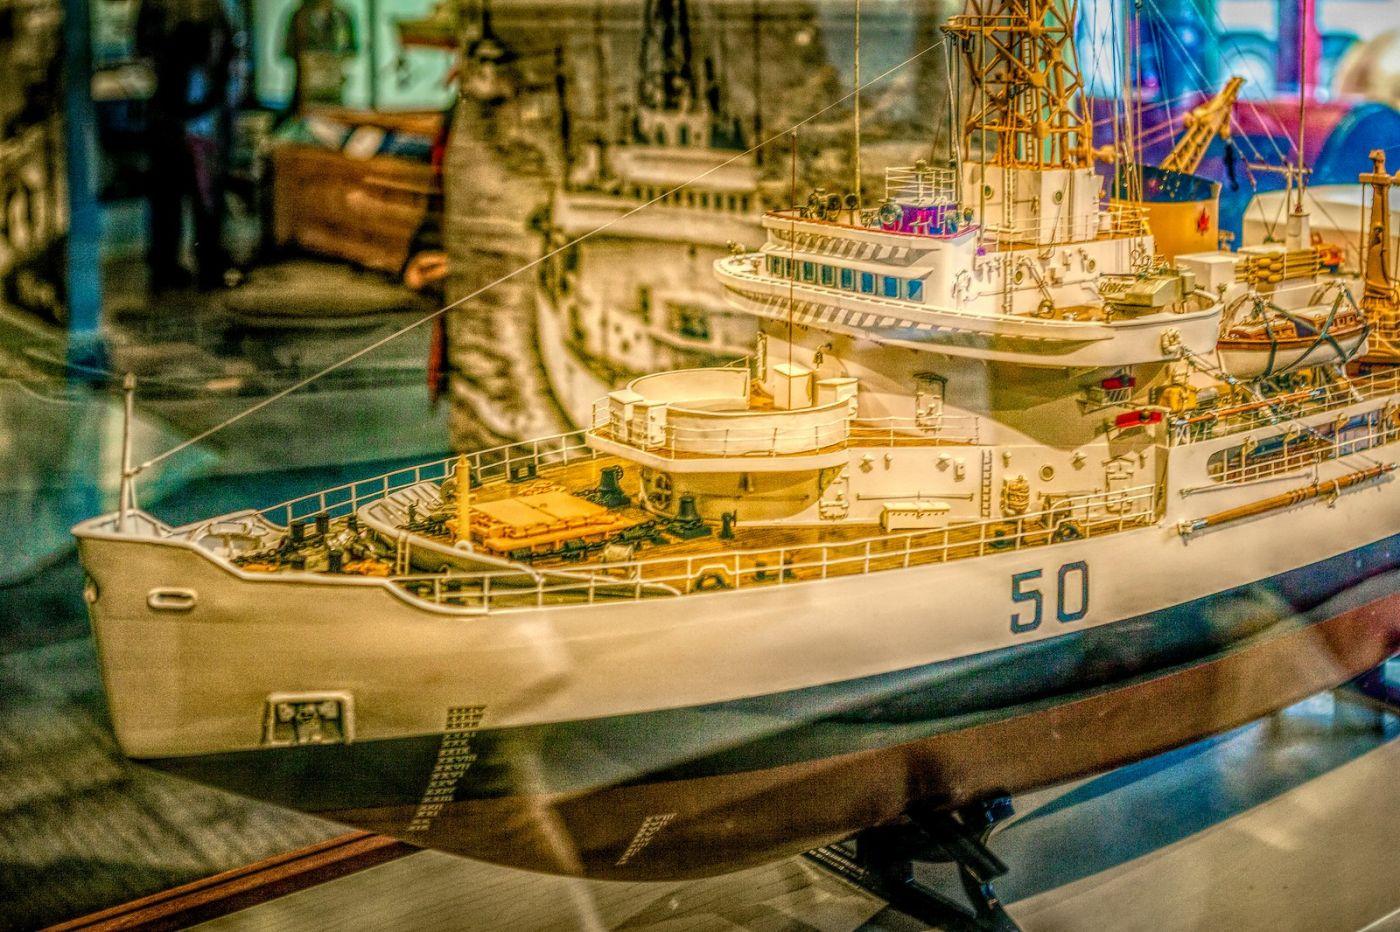 加拿大Halifax大西洋海事博物馆,展品丰富_图1-35